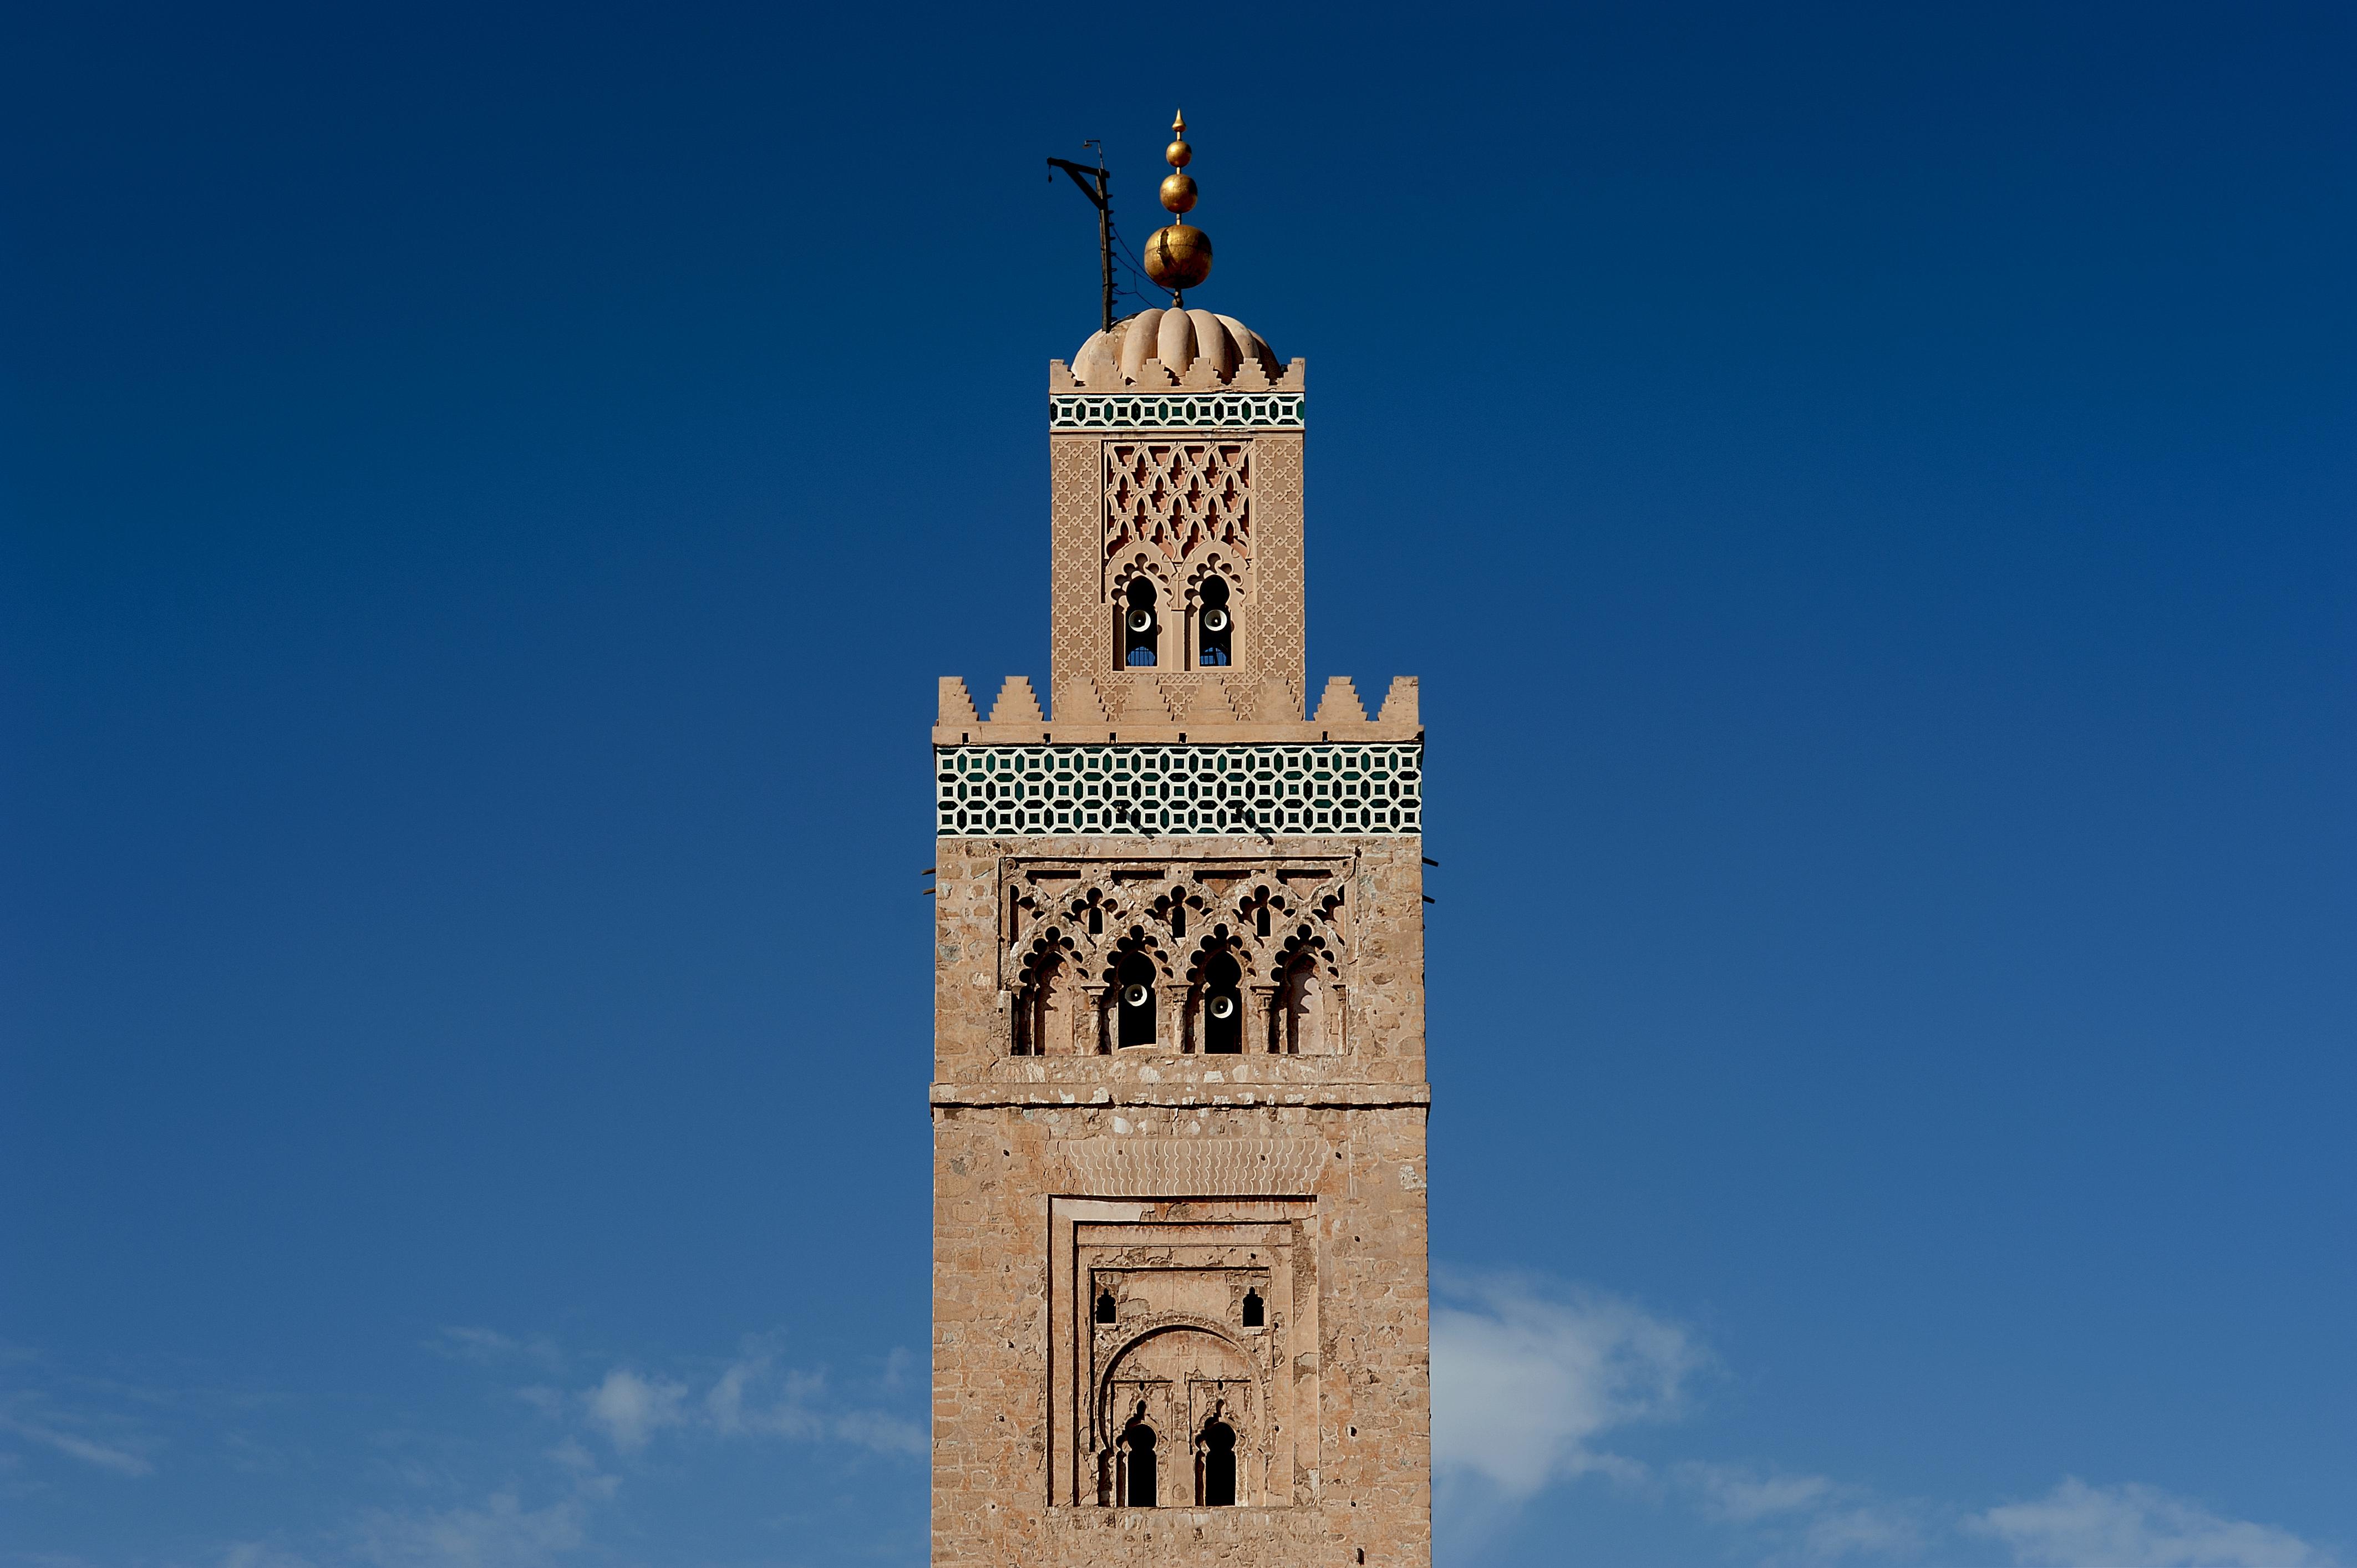 Koutoubia Minaret, Marrakesh